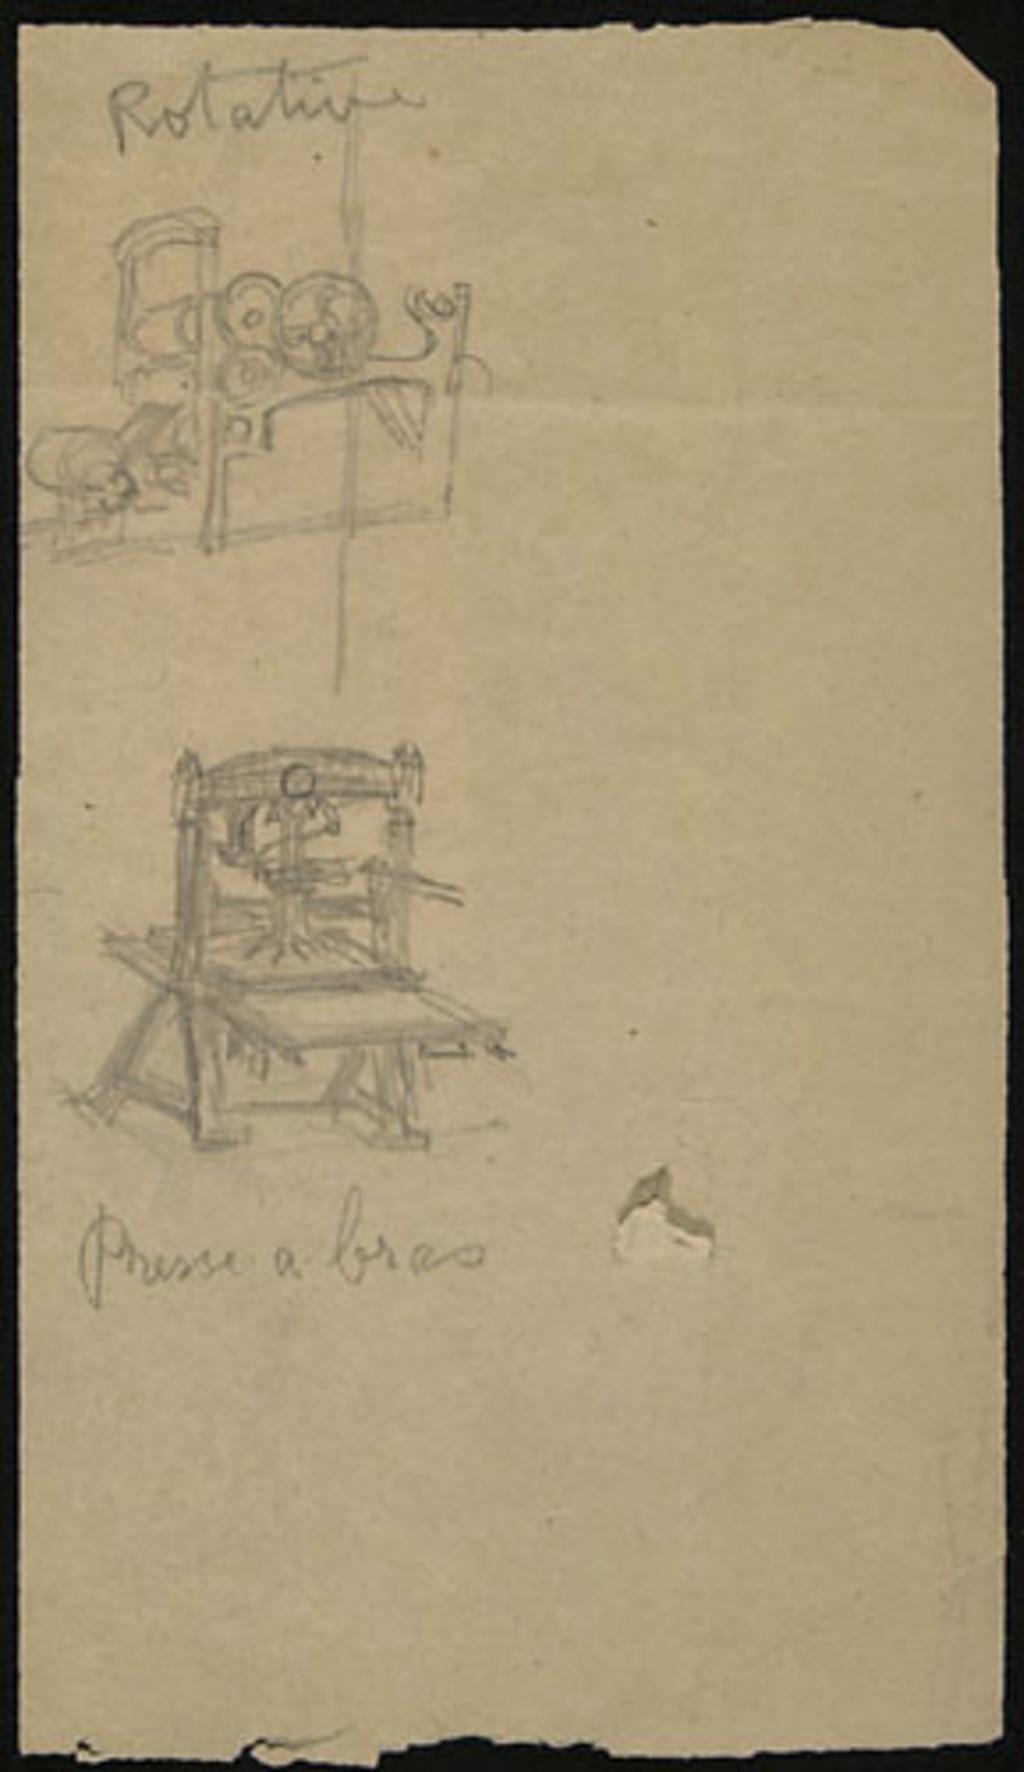 Rotative et presse à imprimer pour «Les Chargeurs de meules». Étude pour la décoration de l'église de Shawinigan-Sud